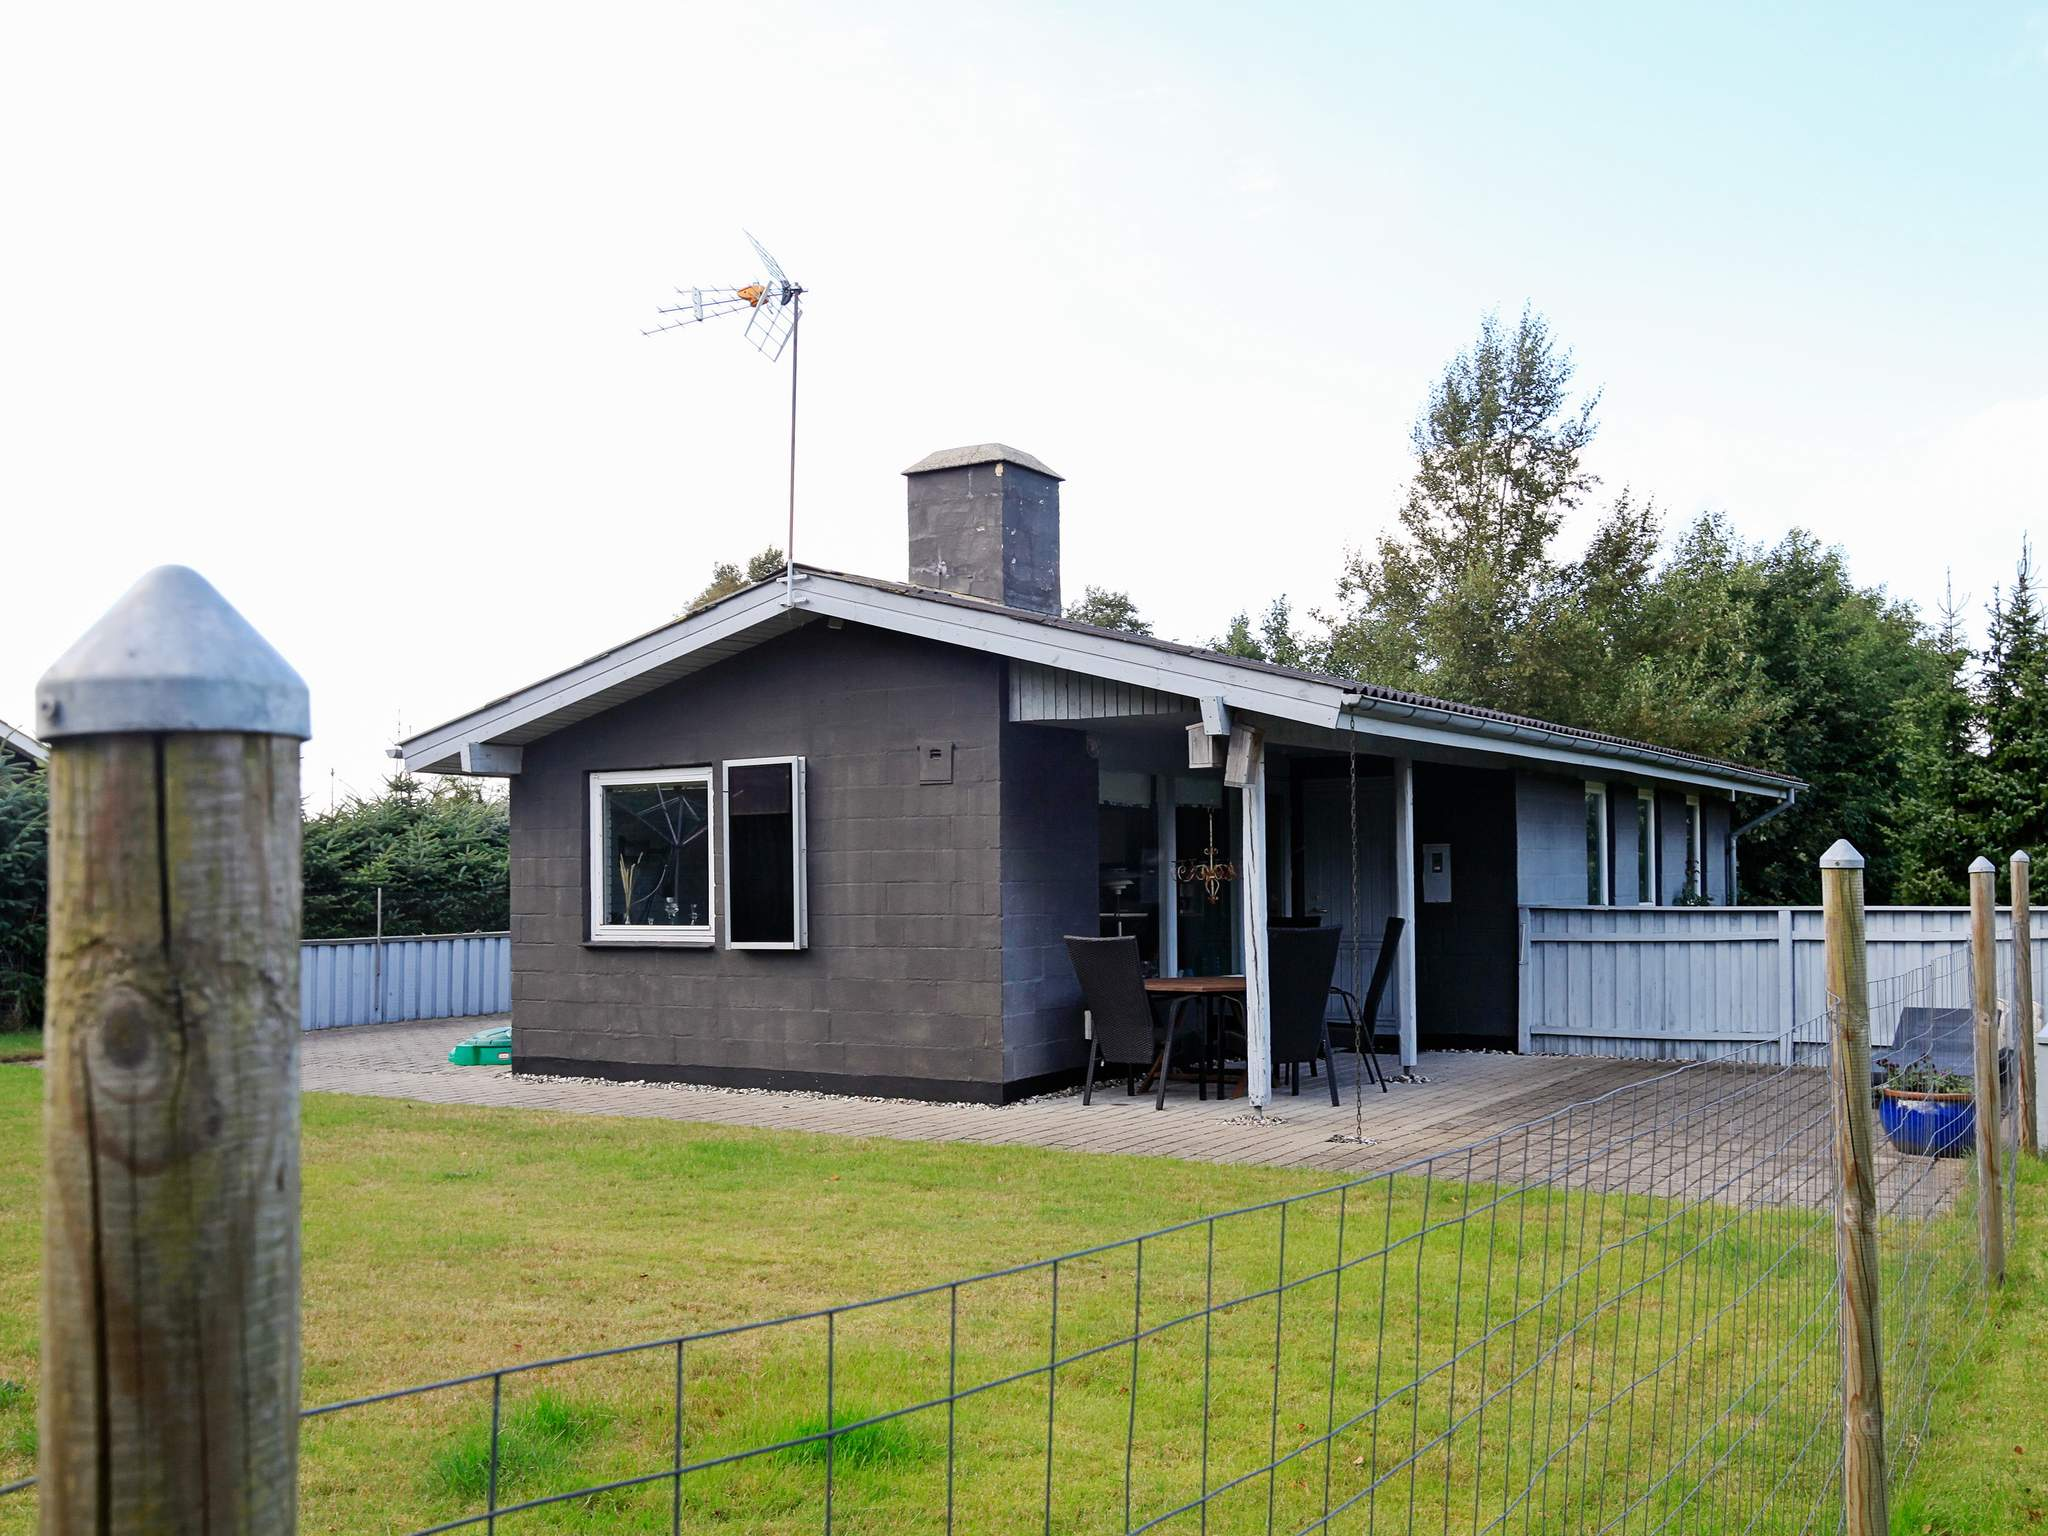 Ferienhaus Hals/Koldkær (359577), Hals, , Nordostjütland, Dänemark, Bild 3